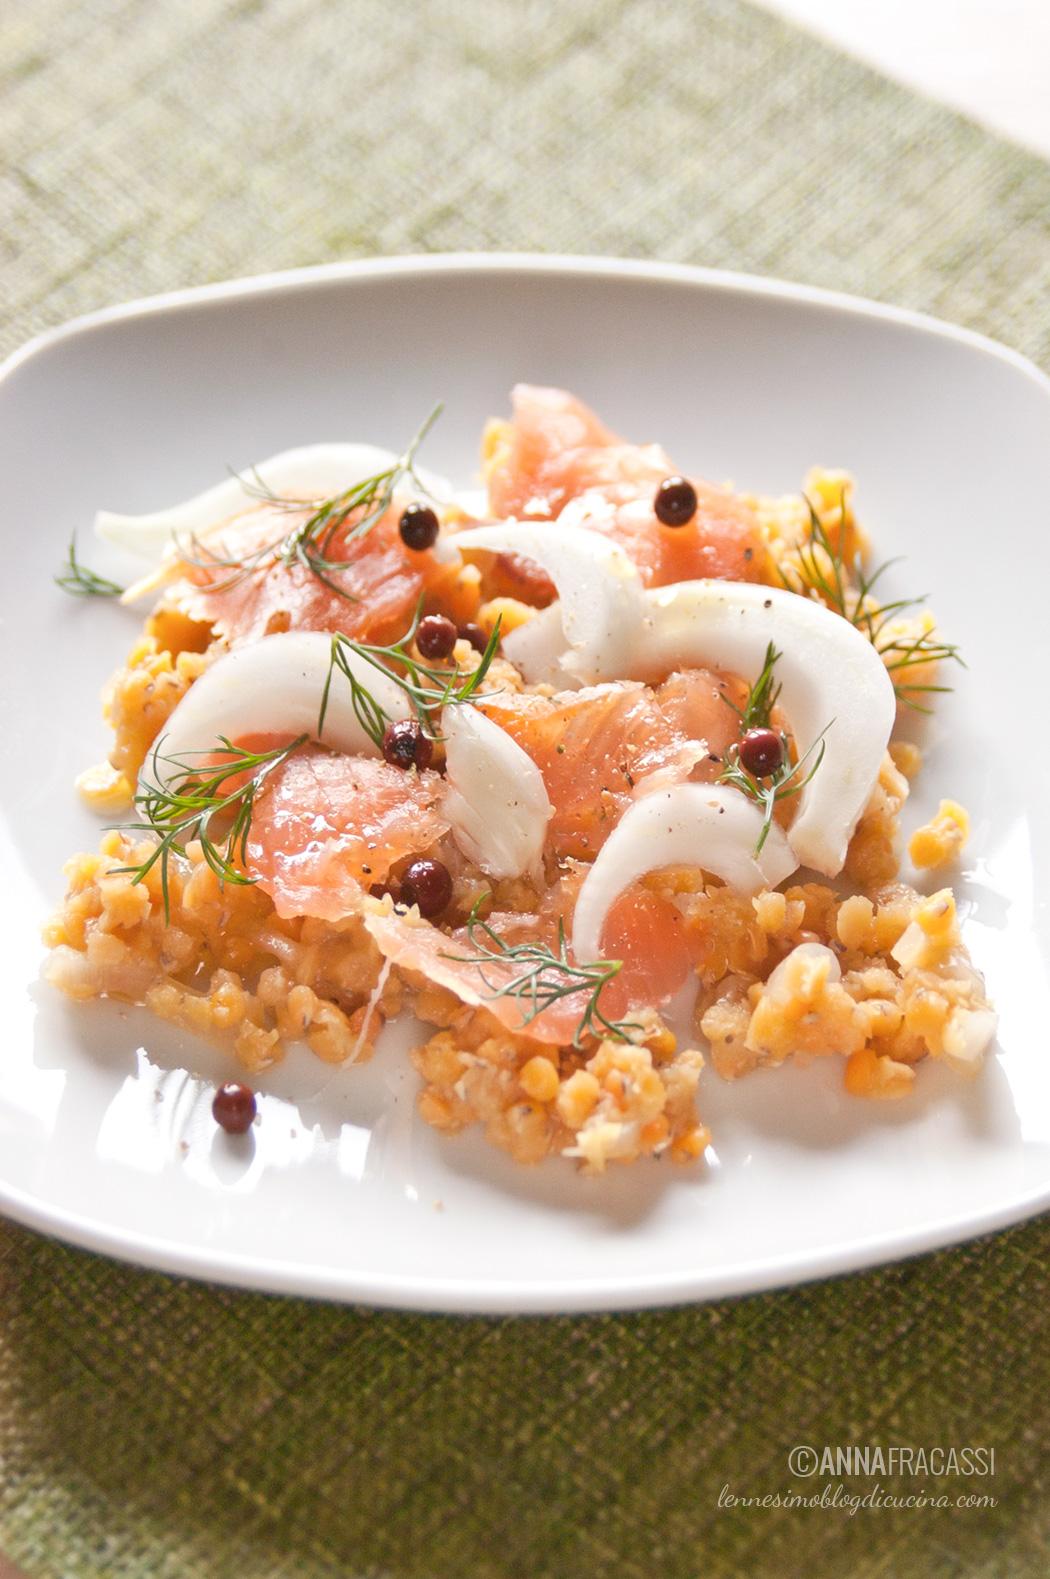 Insalata invernale di lenticchie rosse, finocchio e salmone